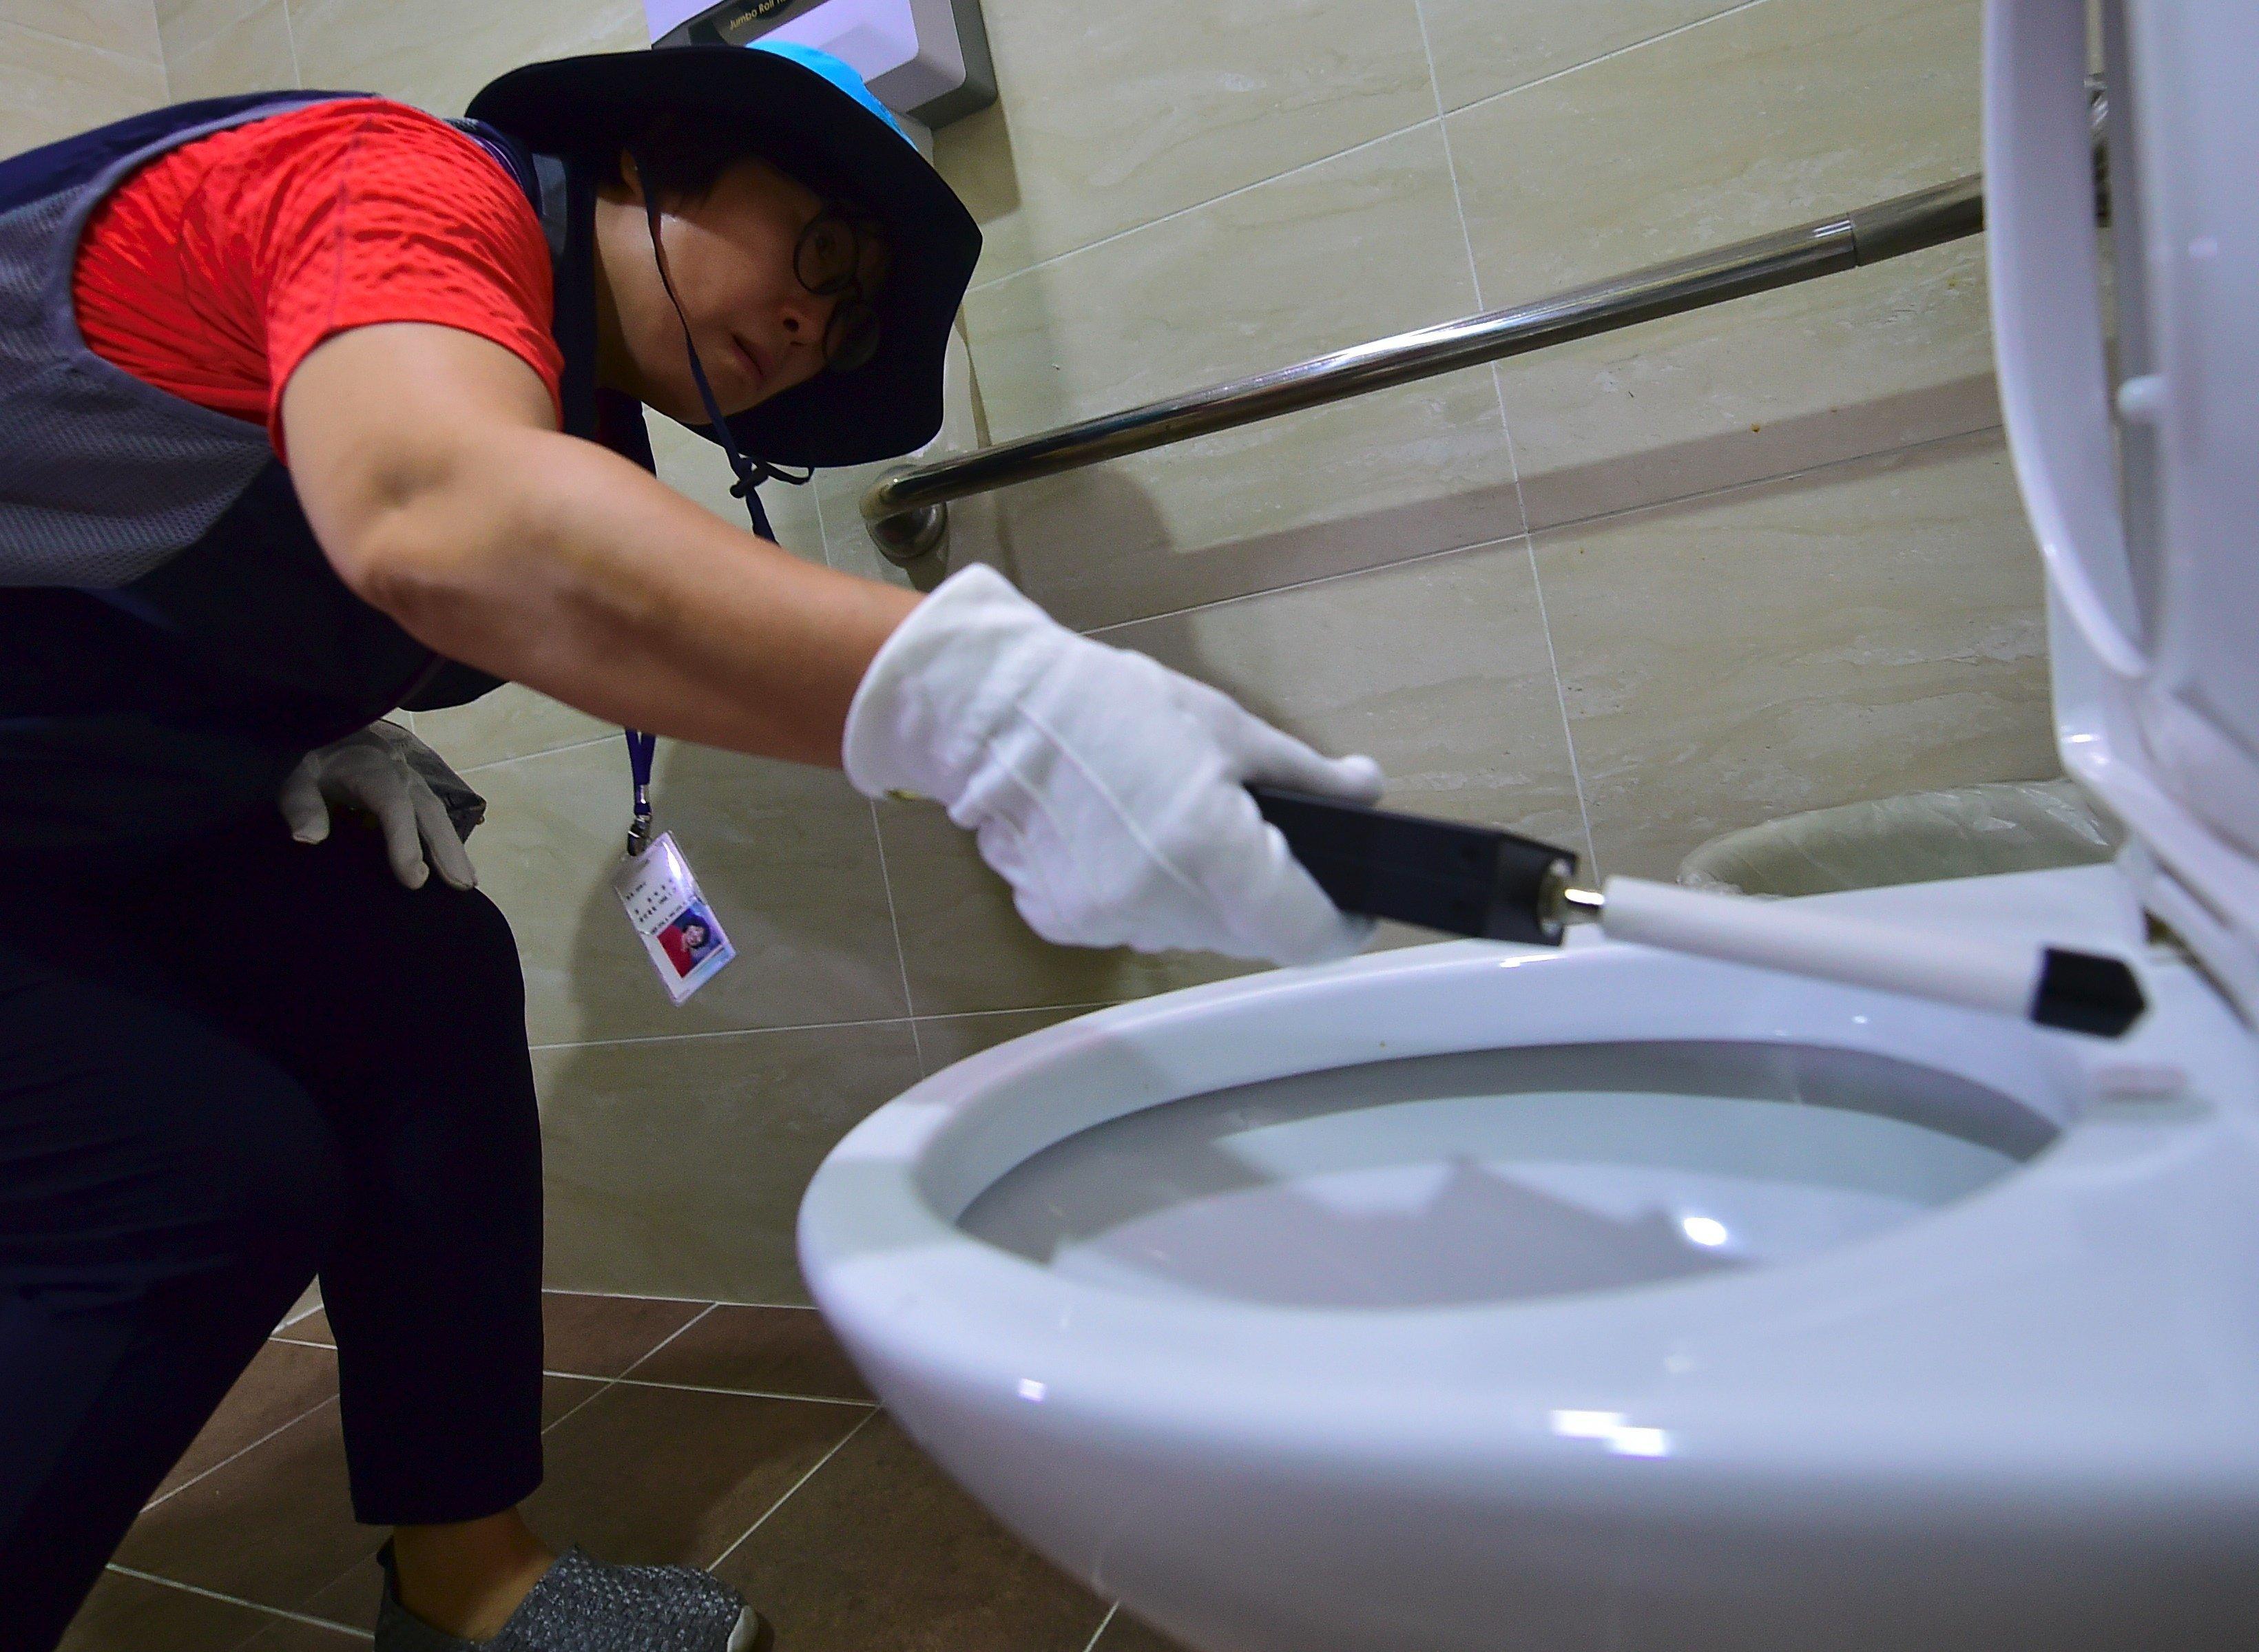 Toilet spy porn